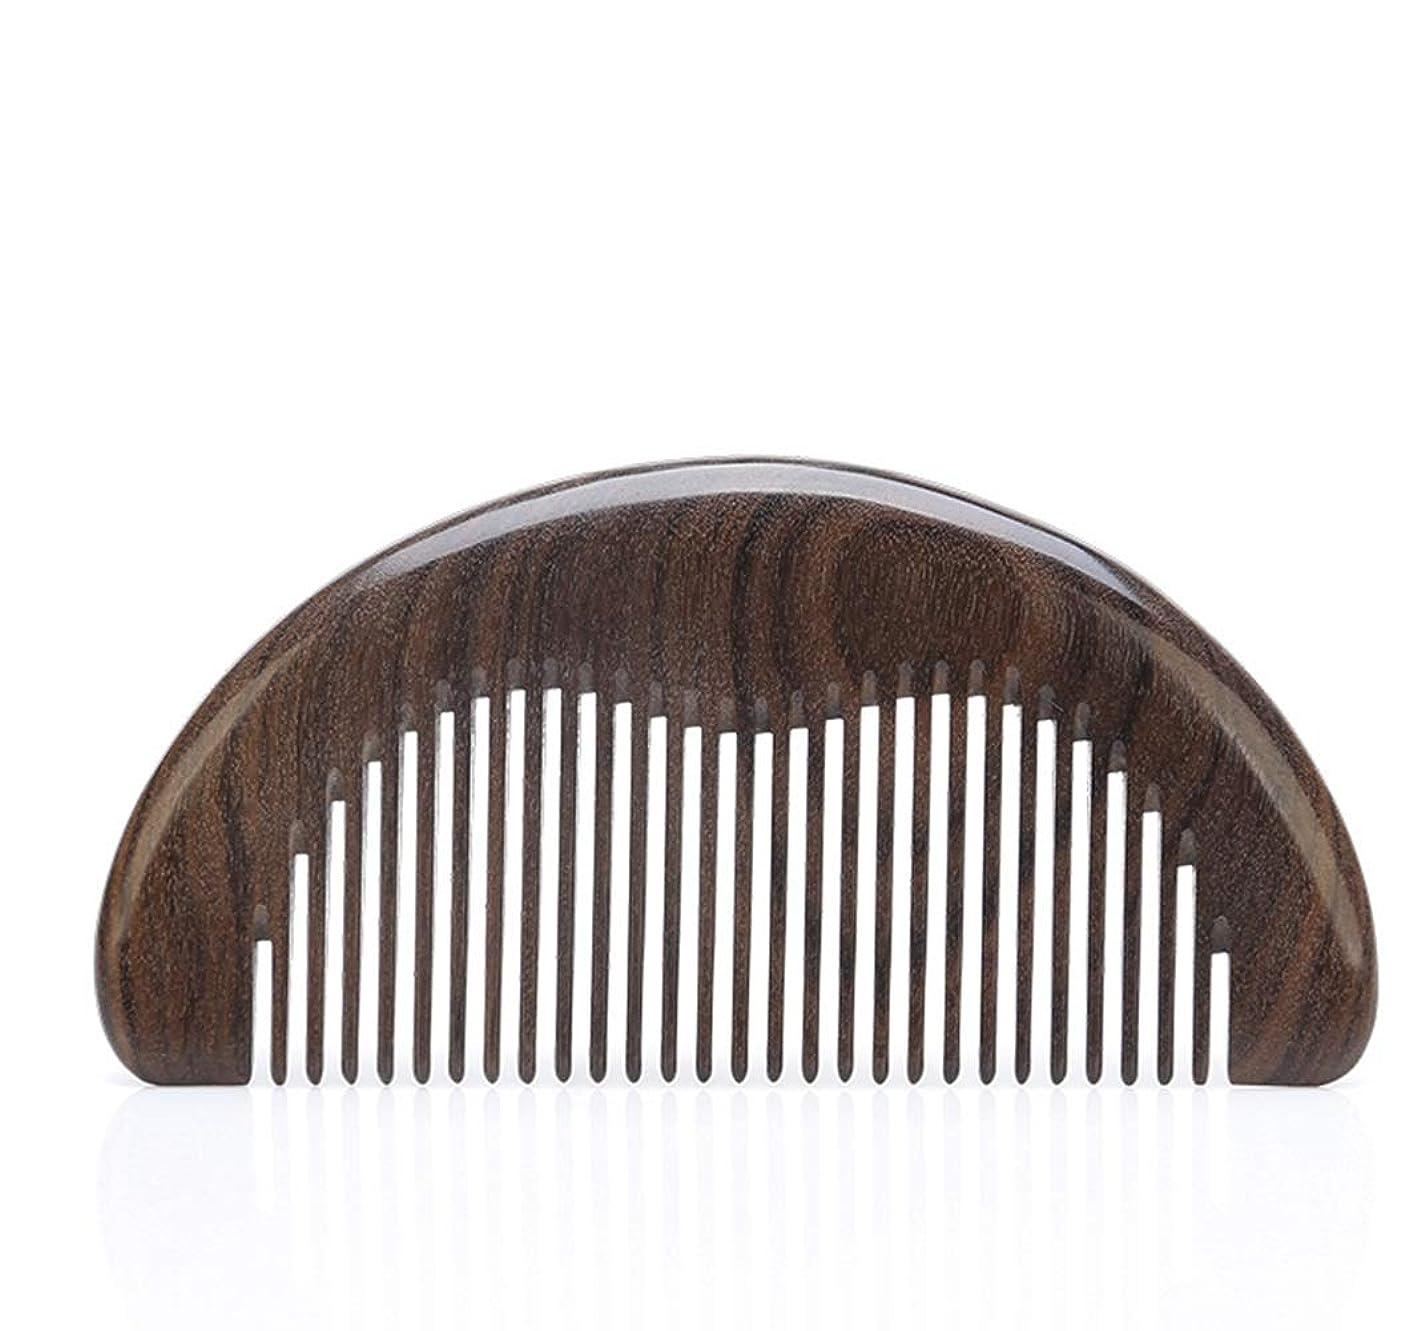 エイリアス自伝コイルQukick 大型高密度歯は、カードではないフケには、髪の櫛を傷つけないでください (色 : A)